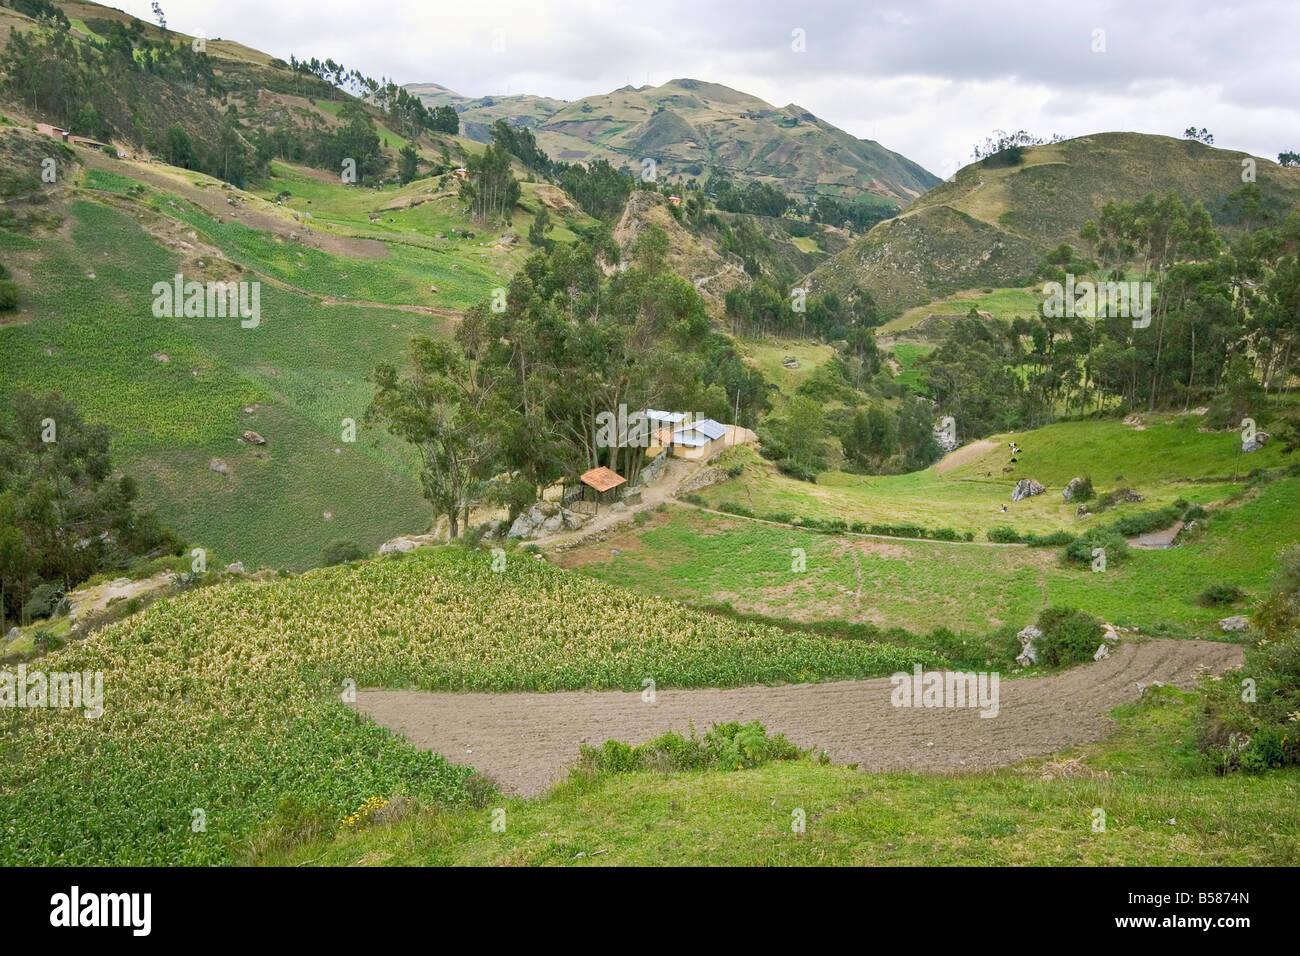 Champs de maïs et des peuples agricoles Canari, Ingapirca, Province de Canar, Equateur Photo Stock